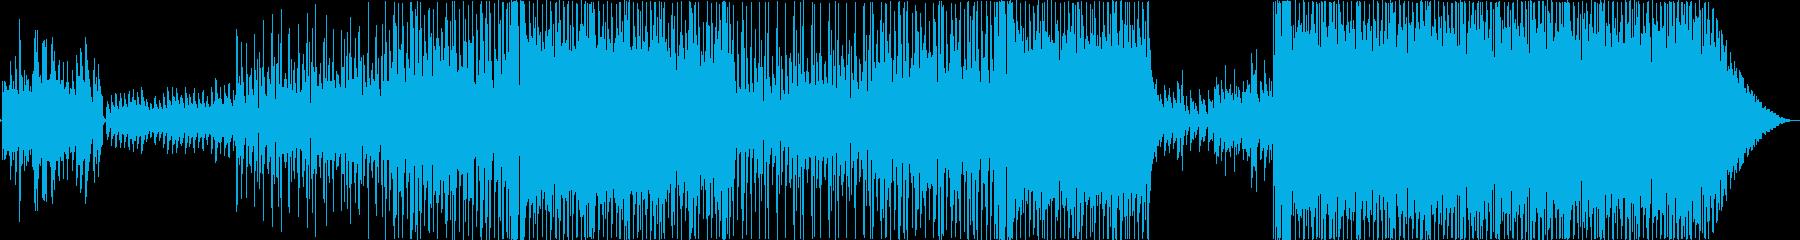 【メロディ抜き】J-POP風卒業・思い出の再生済みの波形